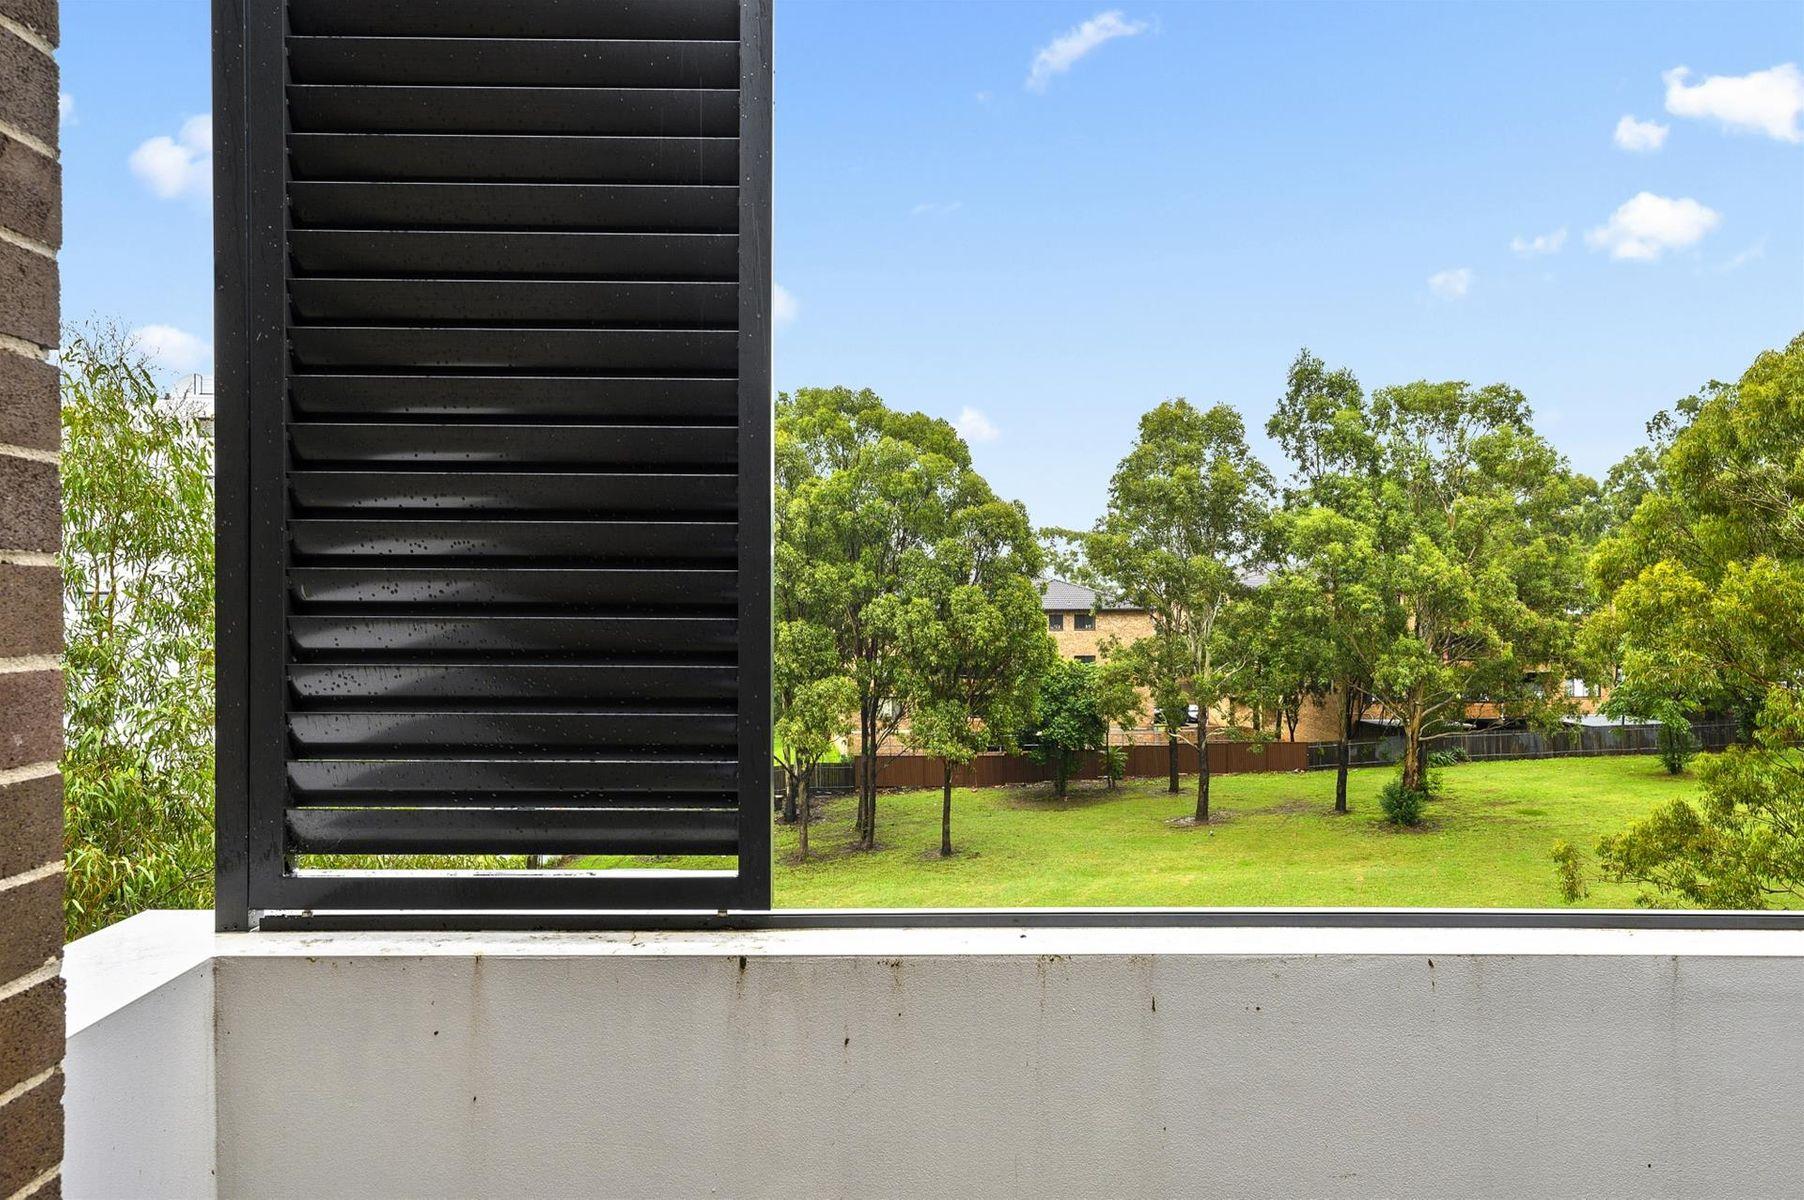 38/11-13 Durham Street, Mount Druitt, NSW 2770